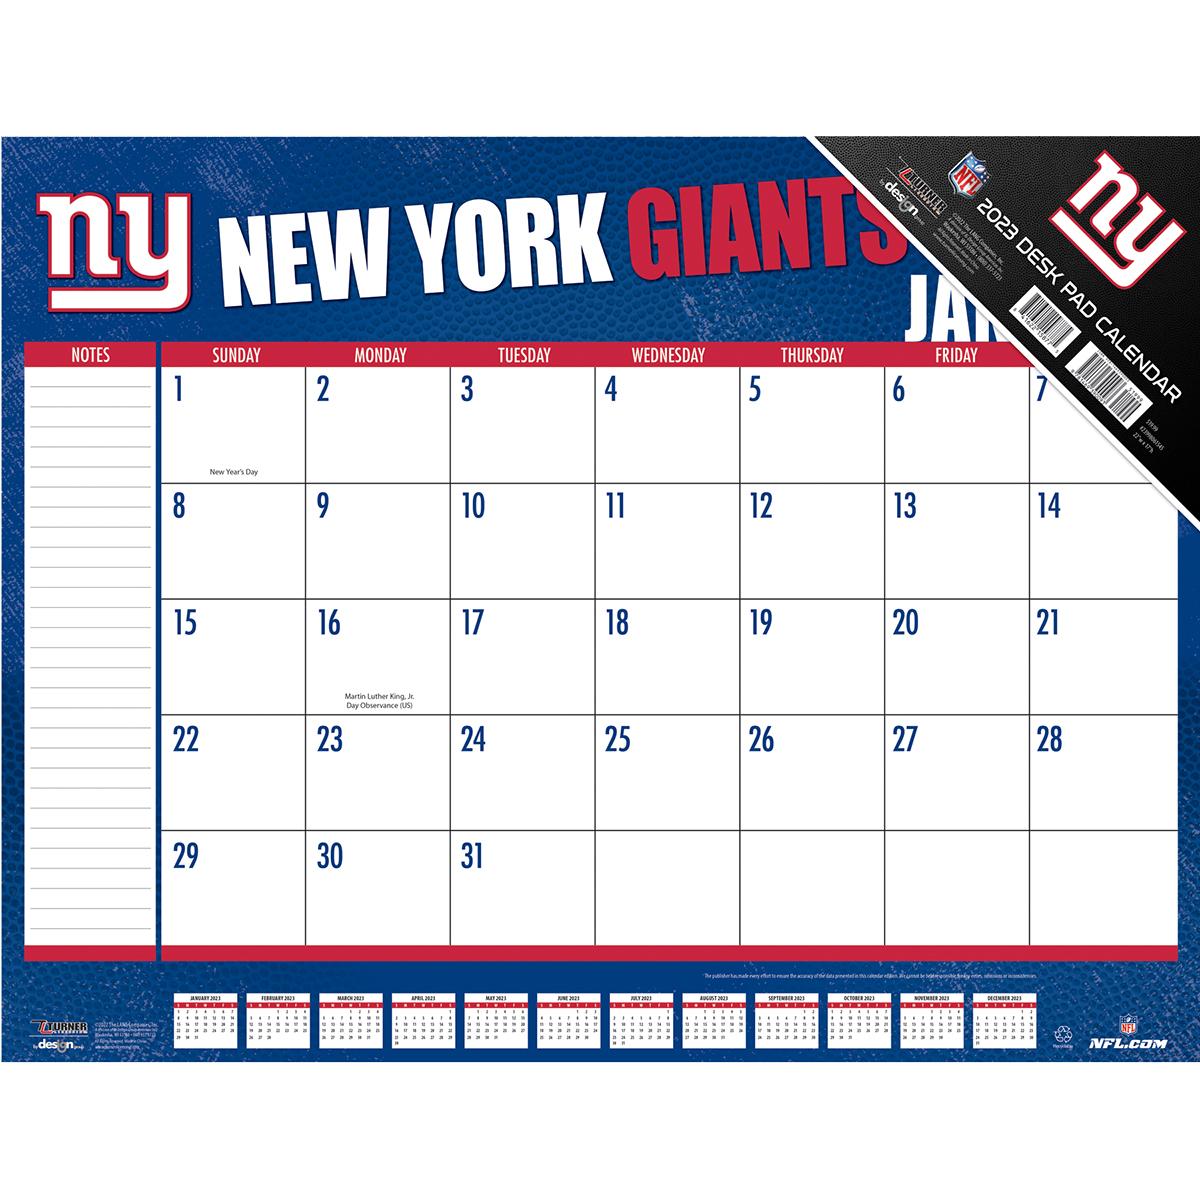 New York Giants Schedule 2020.Giants 2020 Schedule 2020 New York Giants Schedule 2019 09 30